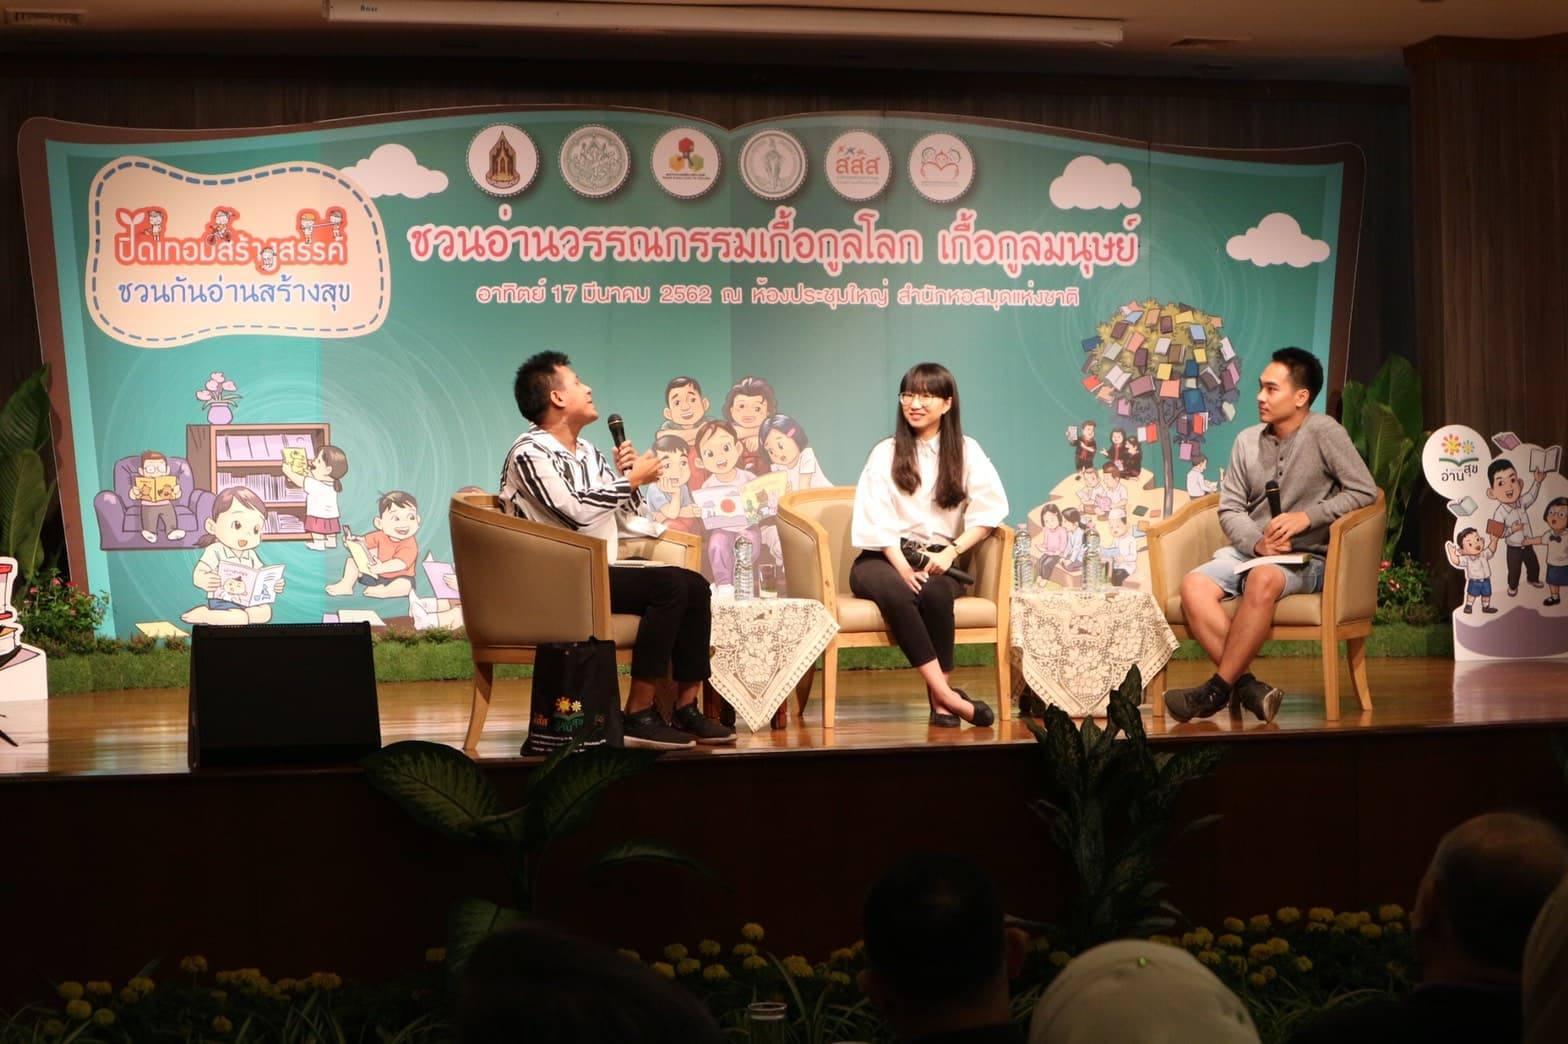 สสส.จับมือหอสมุดแห่งชาติ-กทม.ชวนเด็กๆ อ่านสุดยอดวรรณกรรมของโลกและของไทยช่วงปิดเทอม